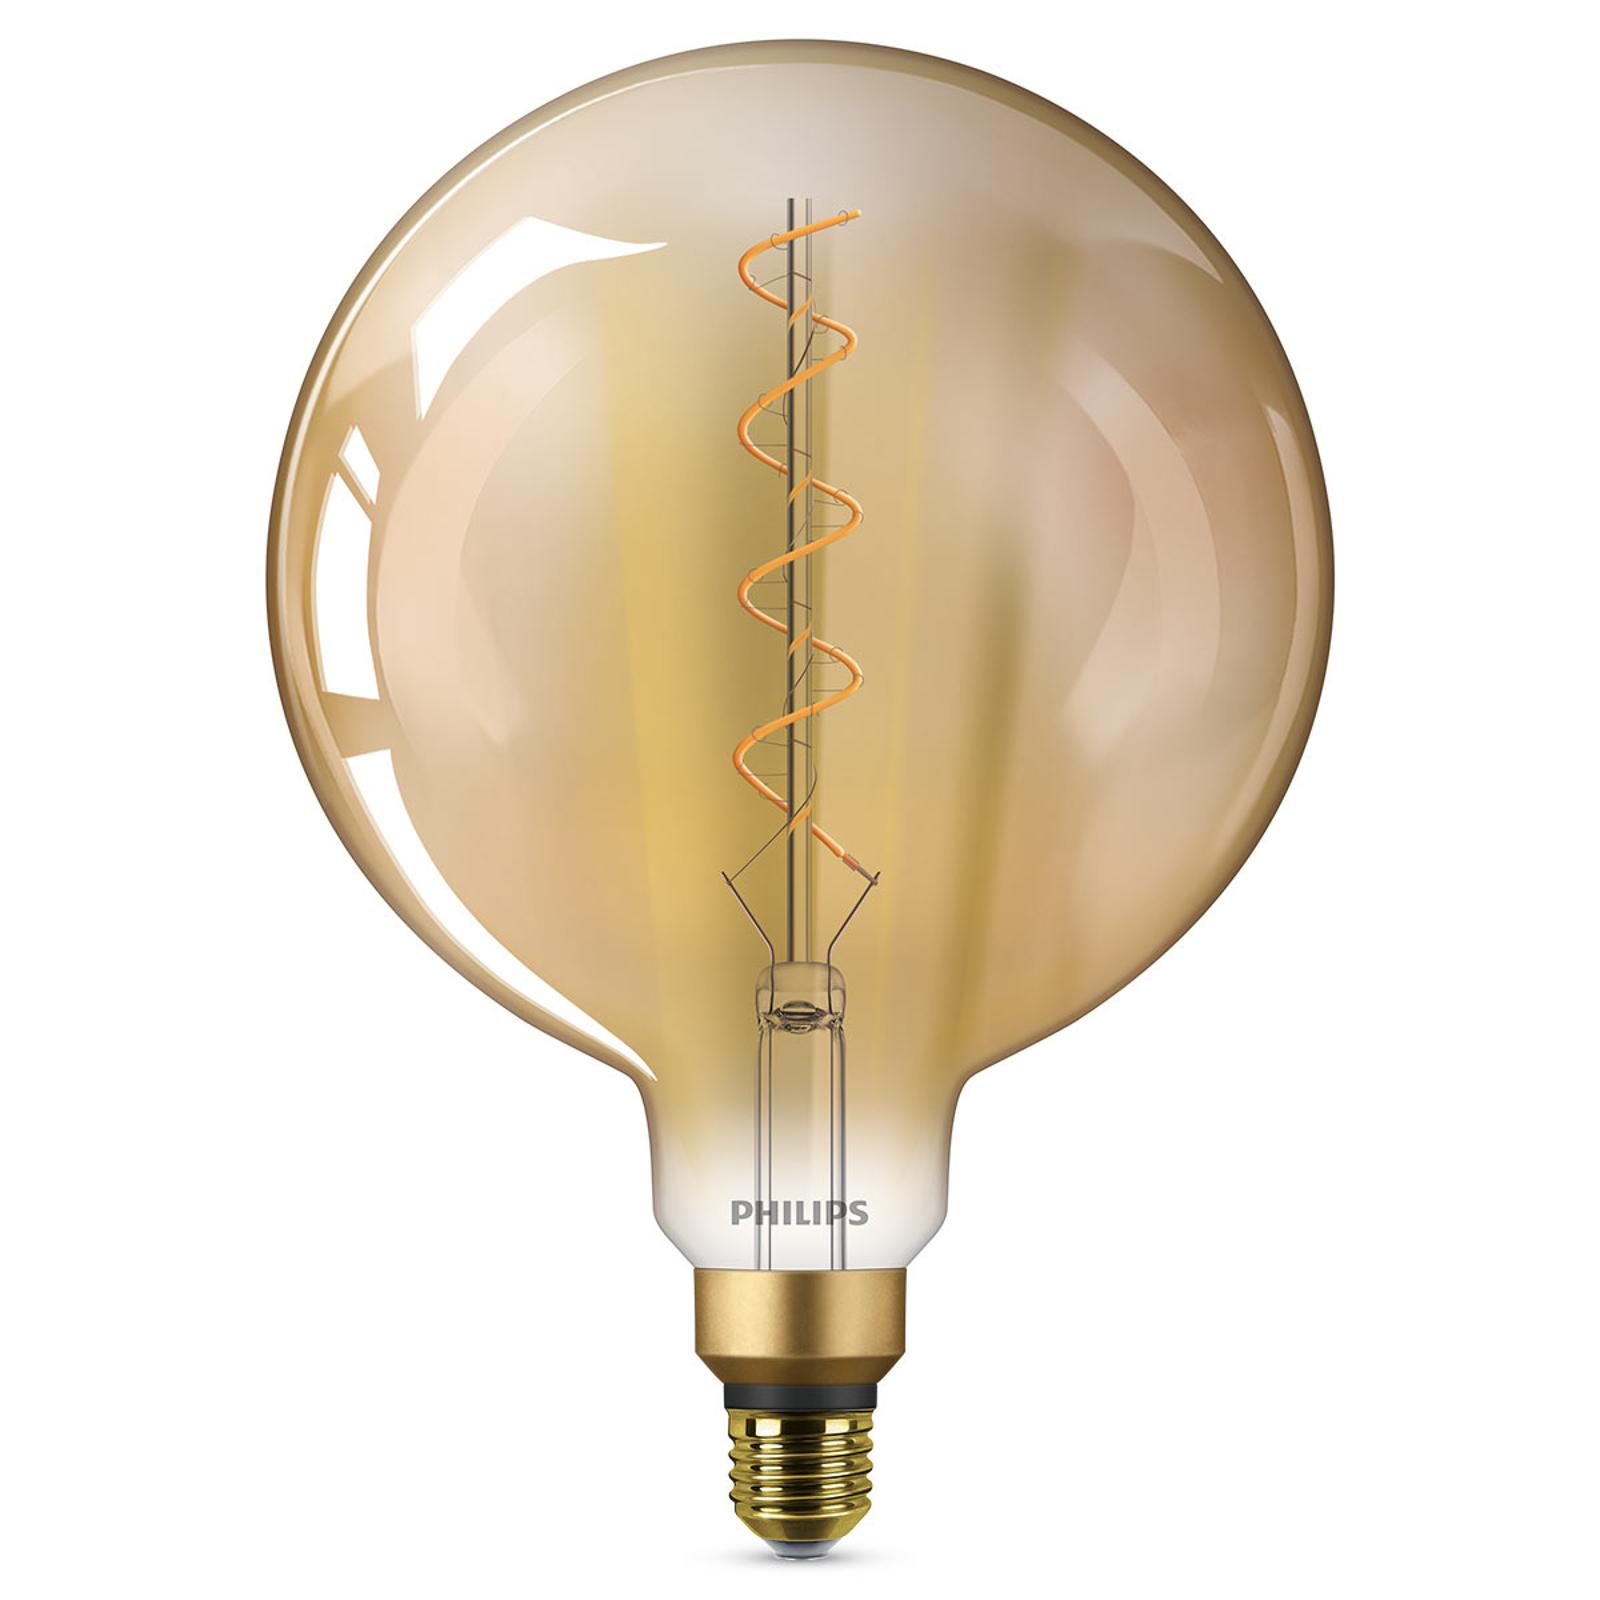 E27 G200 große LED-Lampe Classic Giant 1.800K gold